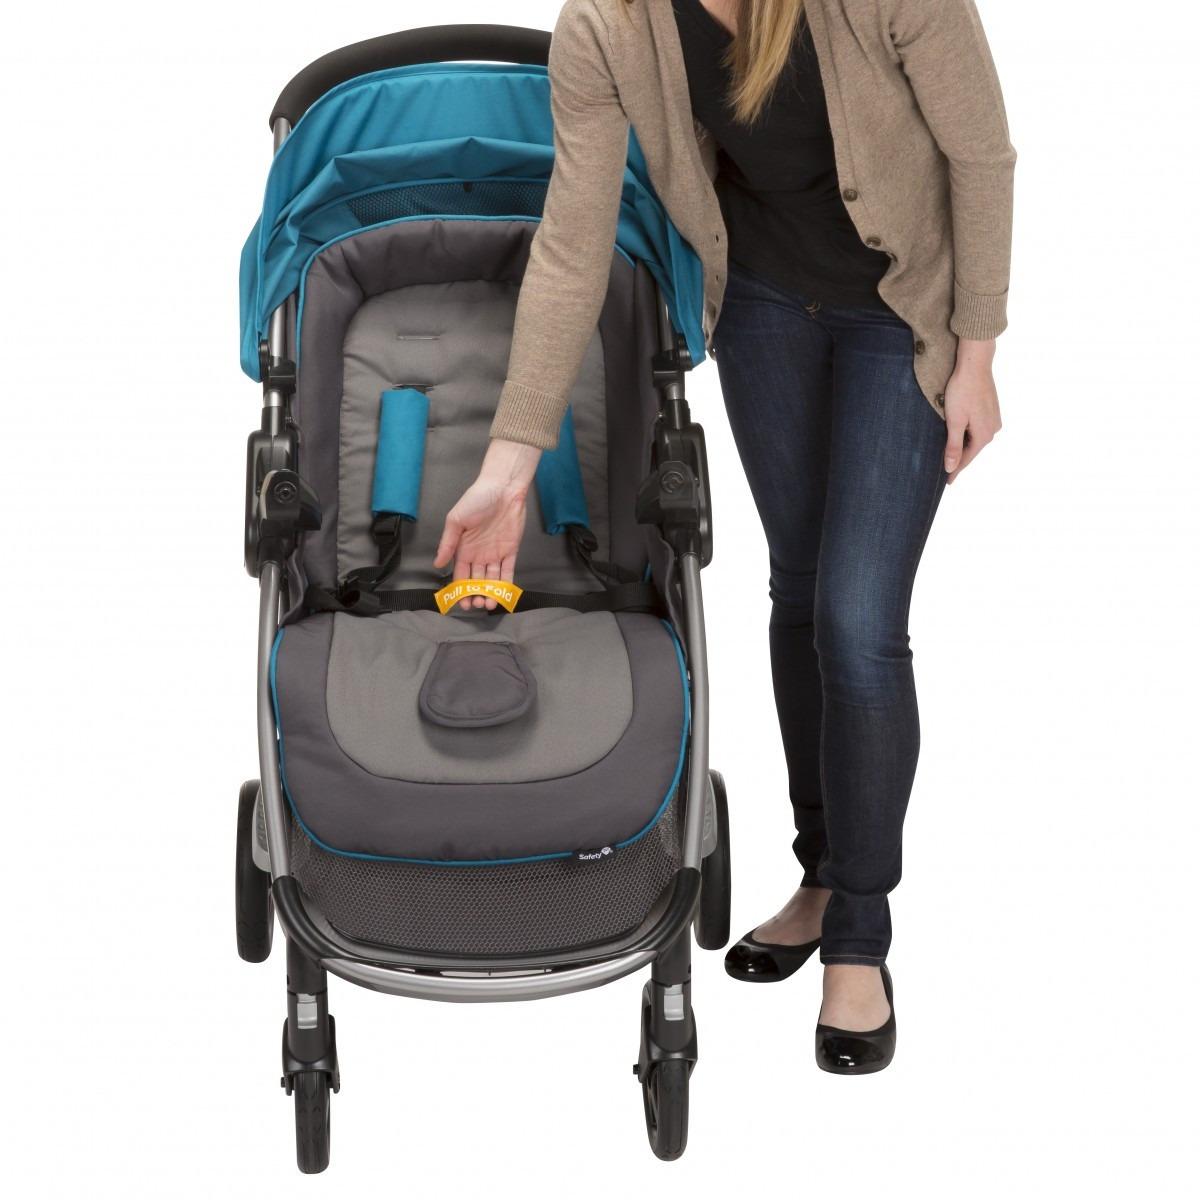 Coche para bebe con silla para auto step and go azul for Coches con silla para bebe